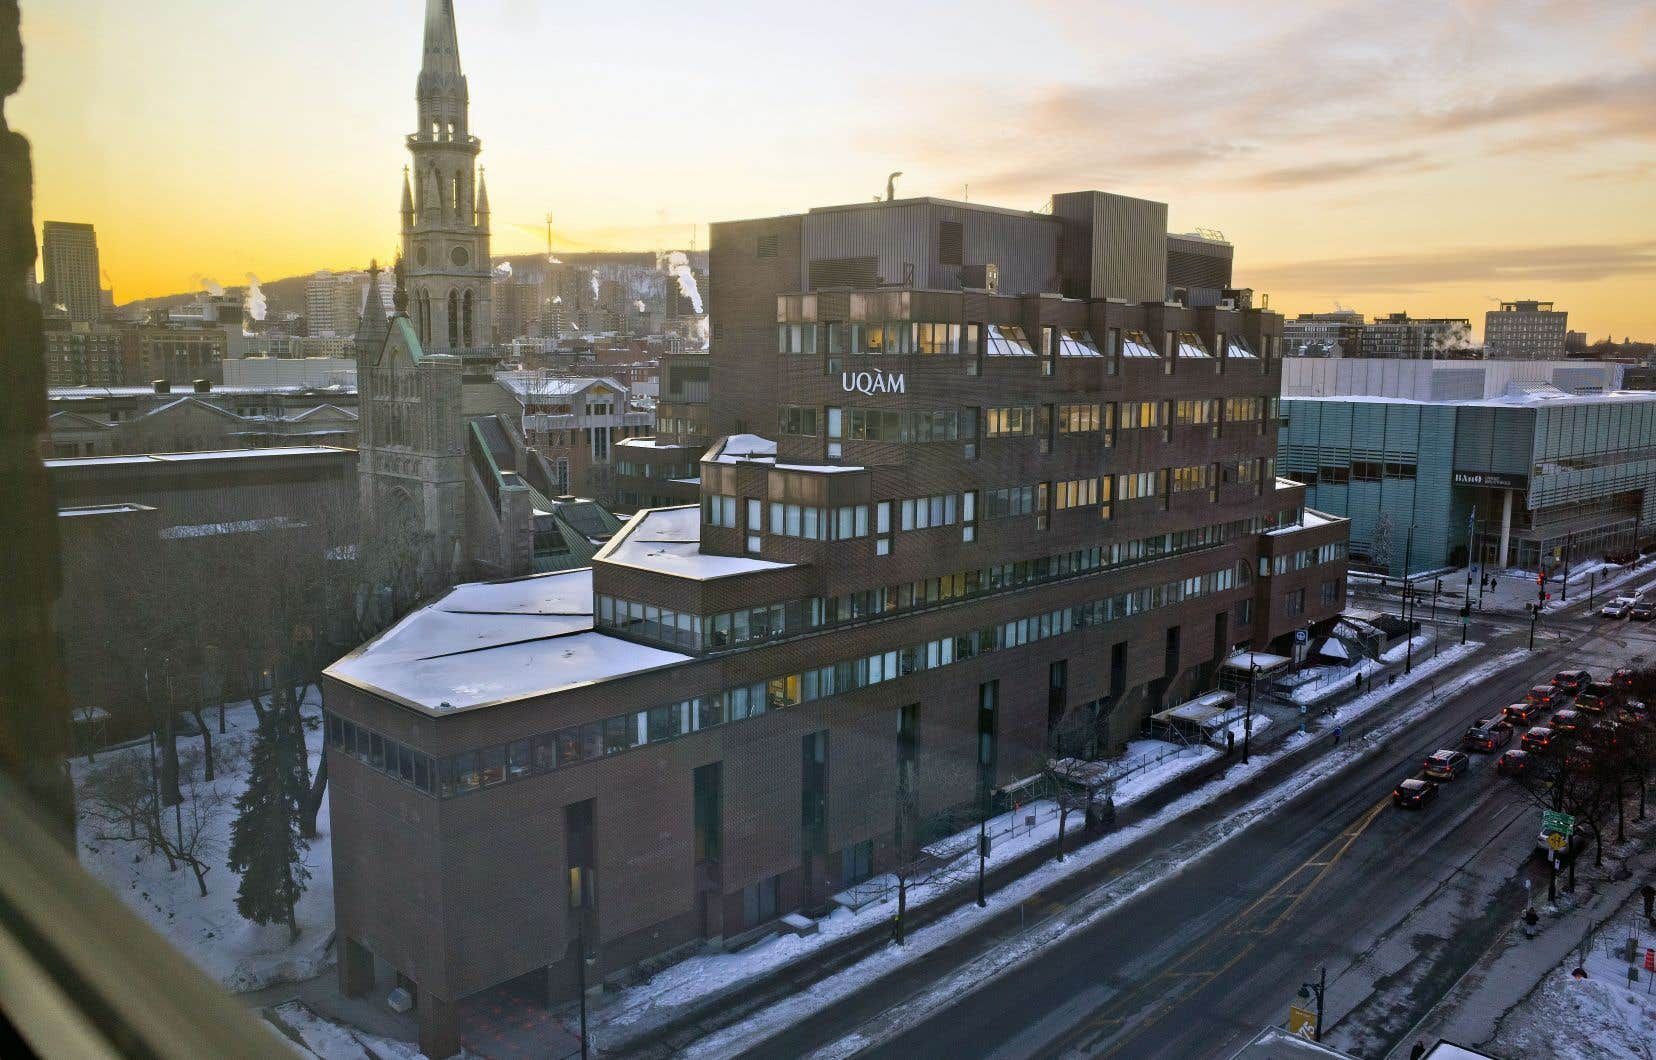 L'UQAM est la première université francophone du Québec à permettre à ses étudiants de «choisir» leur prénom, qui peut différer de leur prénom officiel figurant sur leur certificat de naissance.